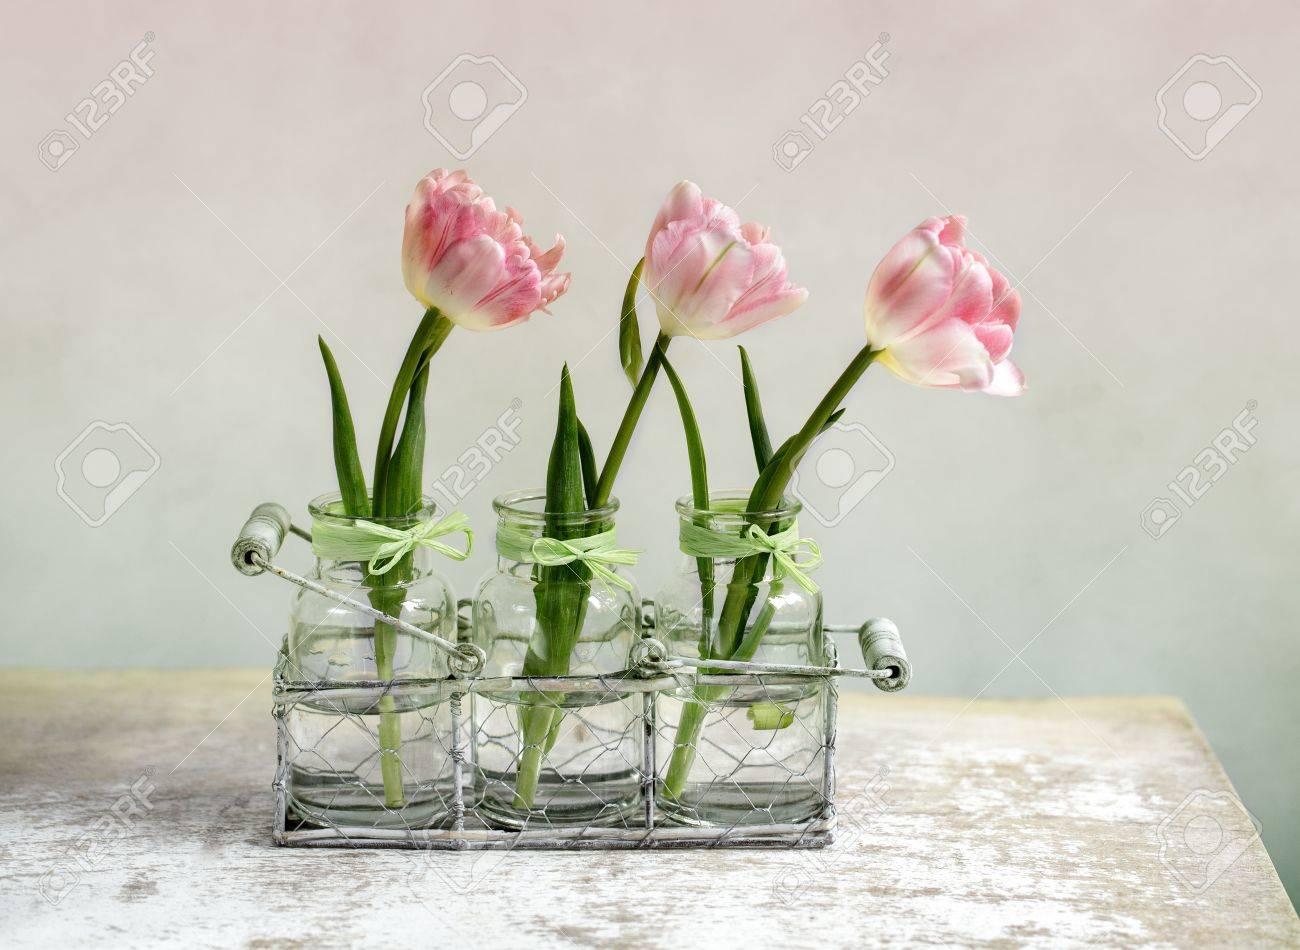 tres hermosos tulipanes de color rosa color pastel en jarrones de cristal y una cesta de